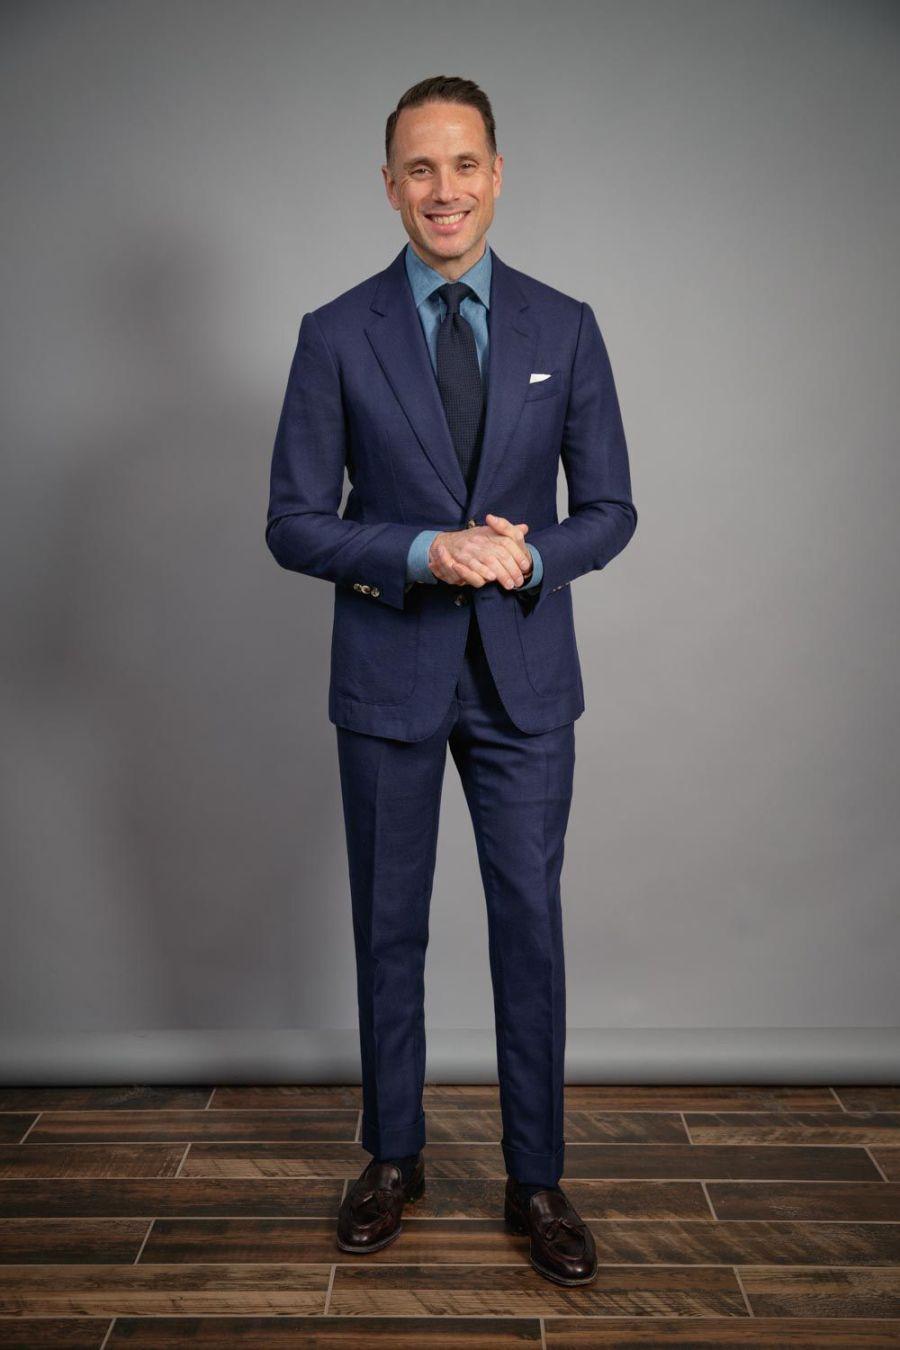 mens-capsule-wardrobe-navy-hopsack-suit-denim-shirt-tassel-loafers-grenadine-tie